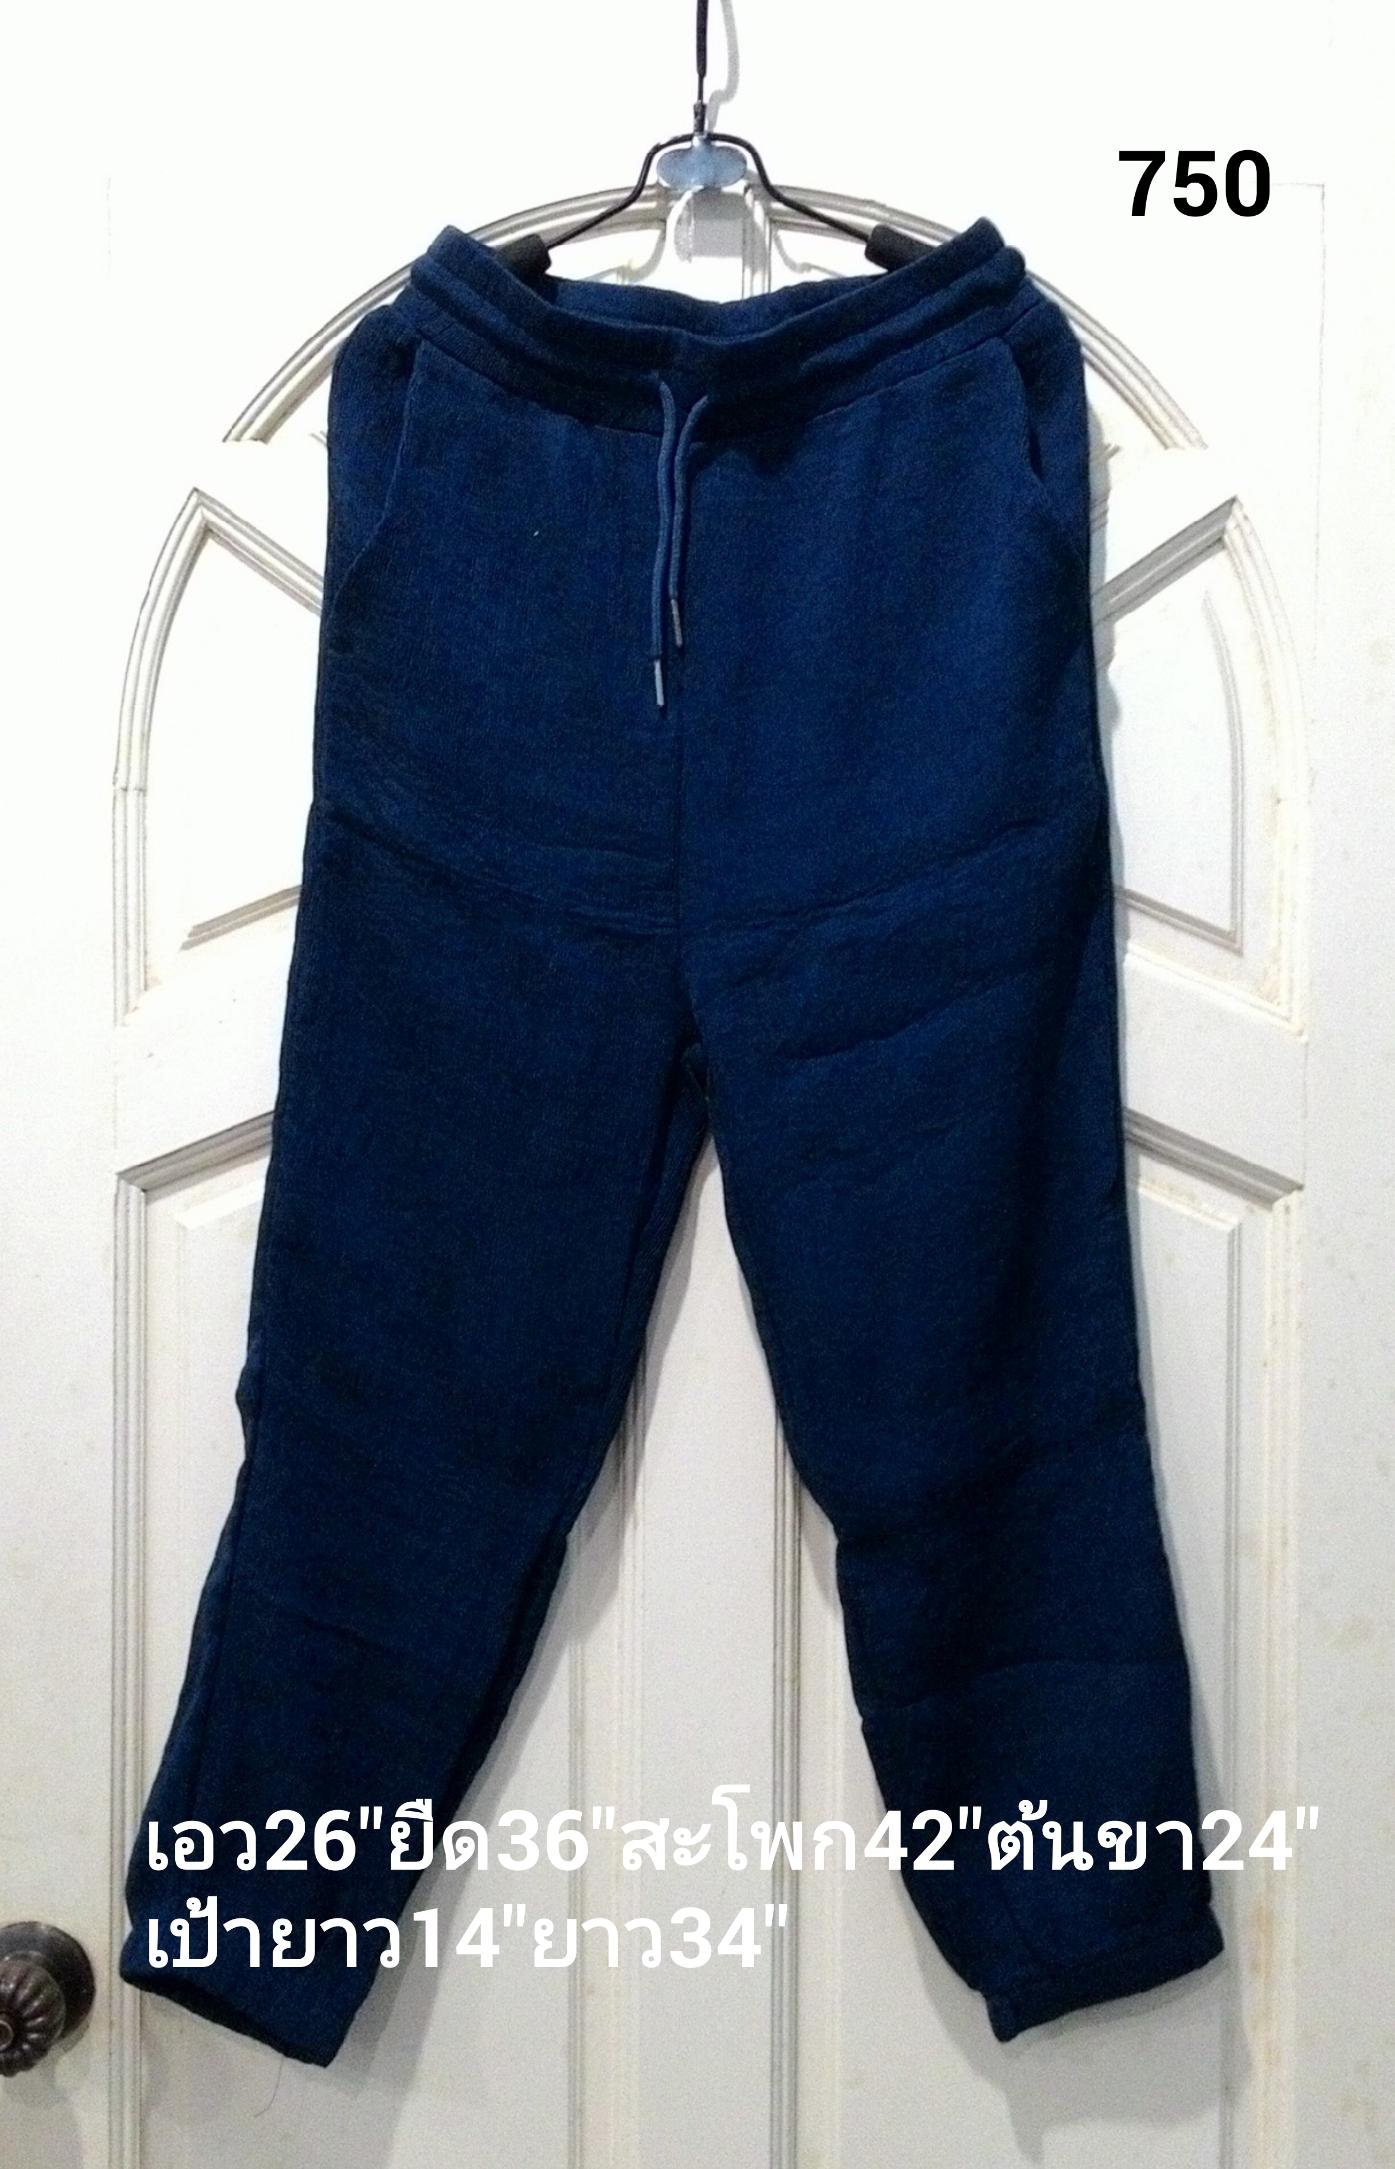 กางเกงทรงลำลอง ผ้าเนื้อนิ่มๆ อัดพลีท สีกรมท่า